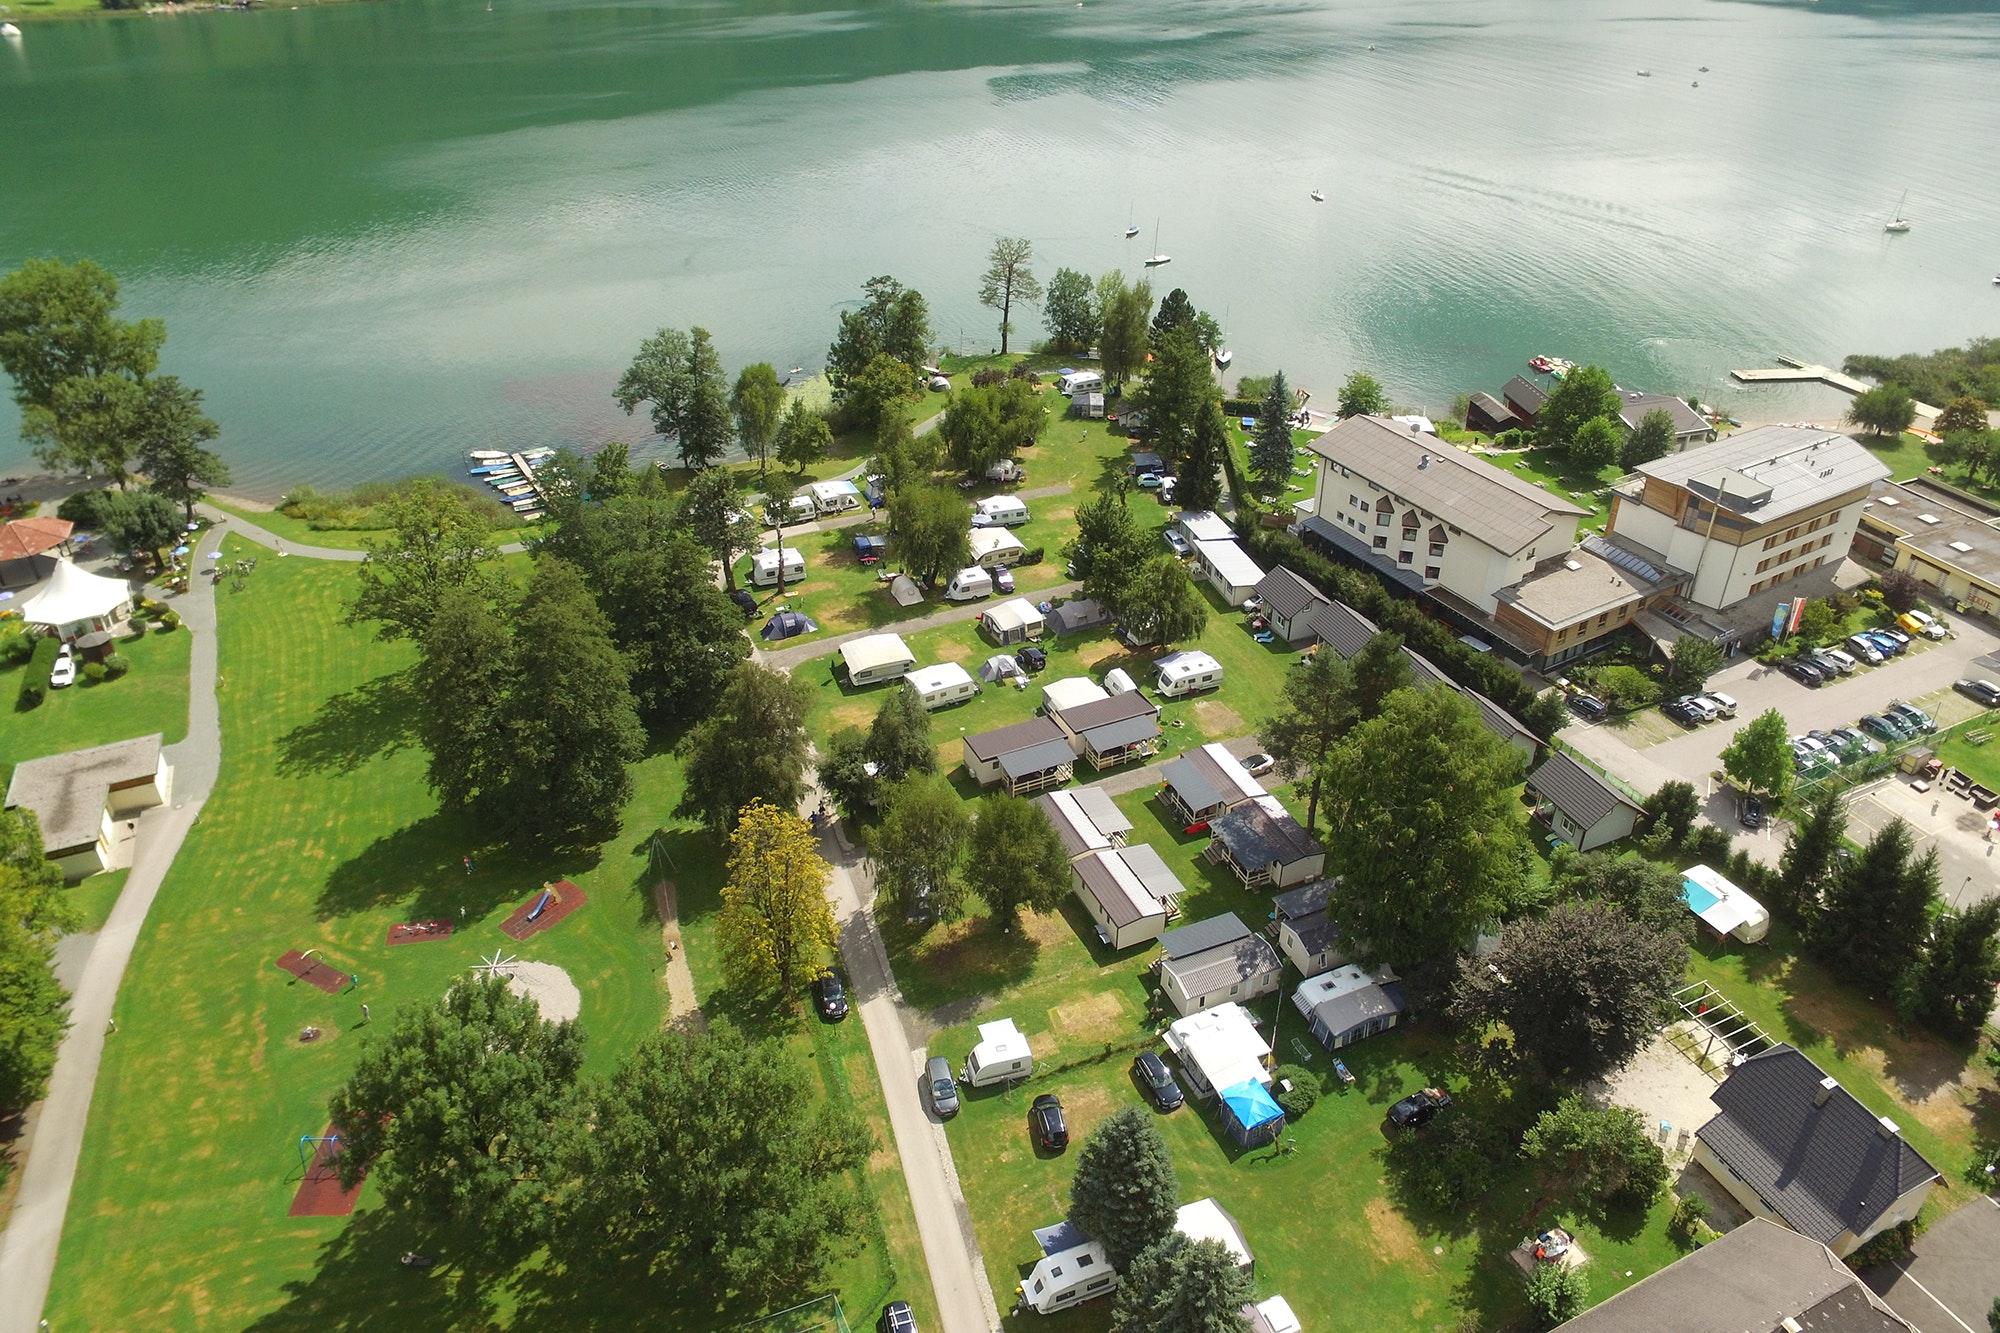 Mobilheime Ossiacher See : Camping am ossiacher see entdecke top campingplätze pincamp by adac